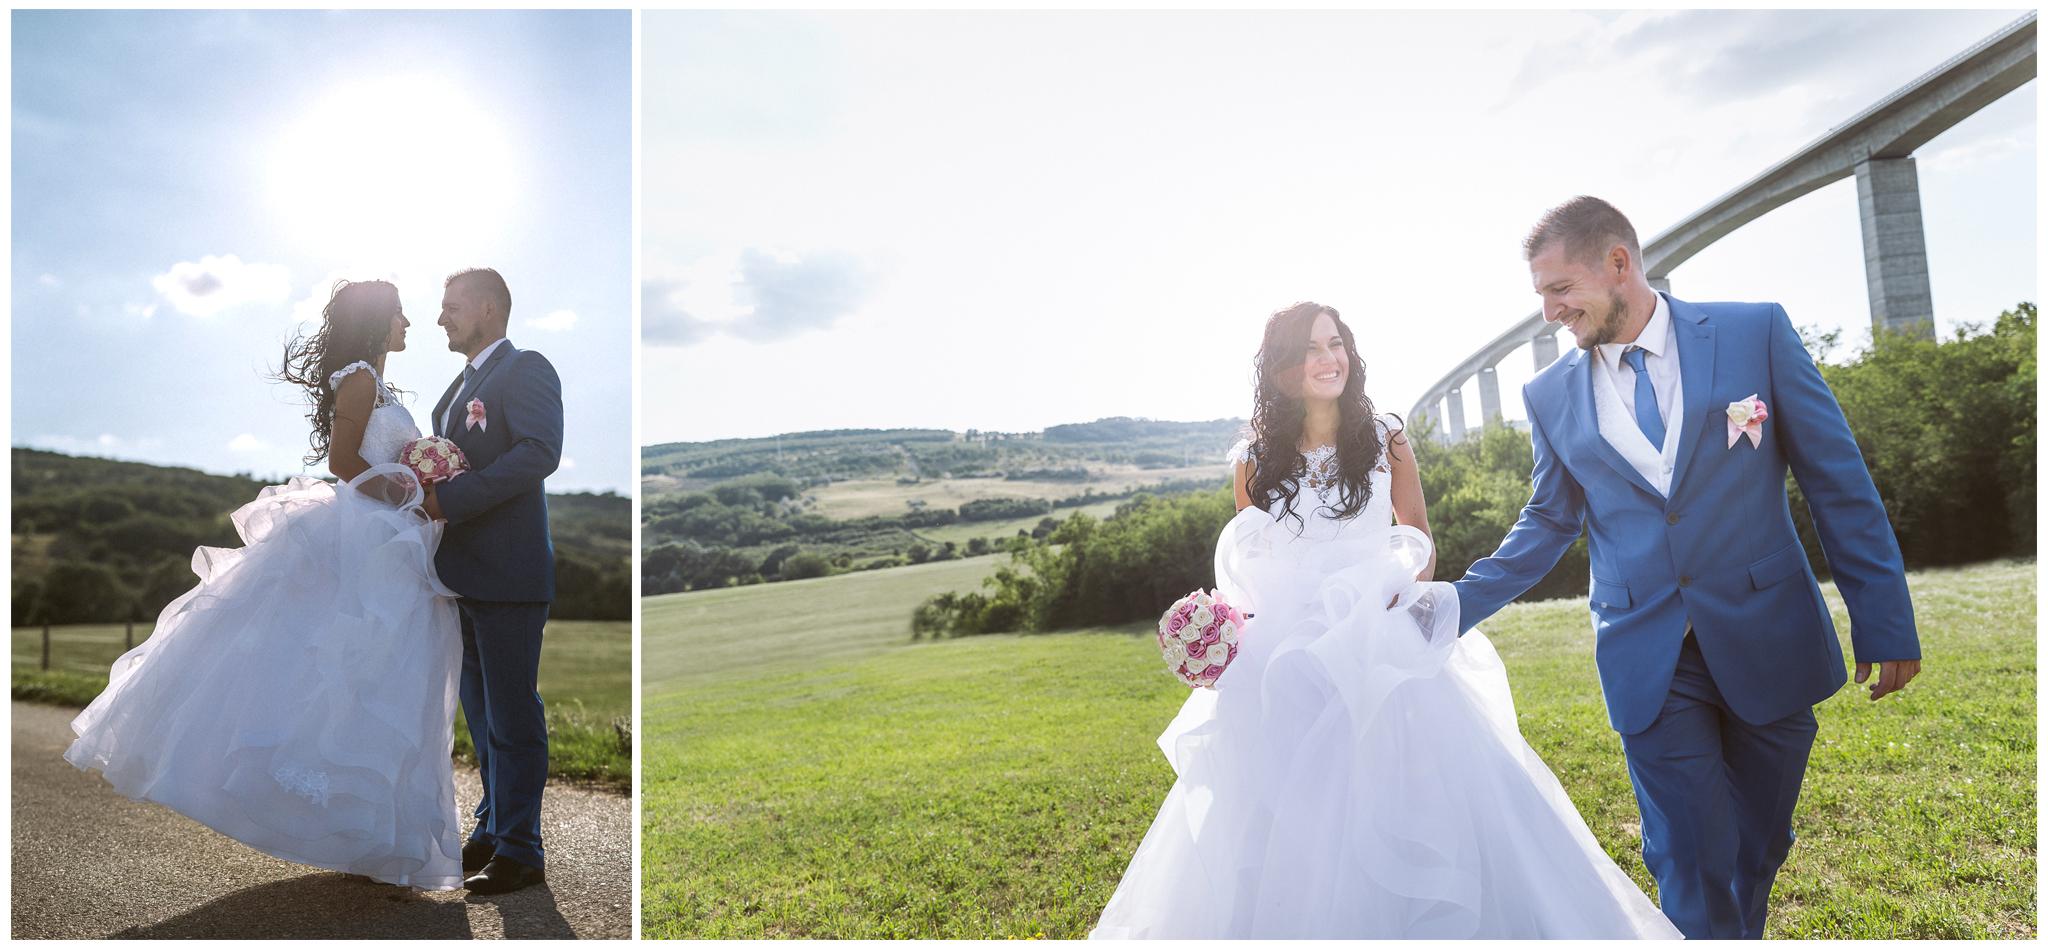 FylepPhoto, esküvőfotózás, magyarország, esküvői fotós, vasmegye, prémium, jegyesfotózás, Fülöp Péter 24.jpg